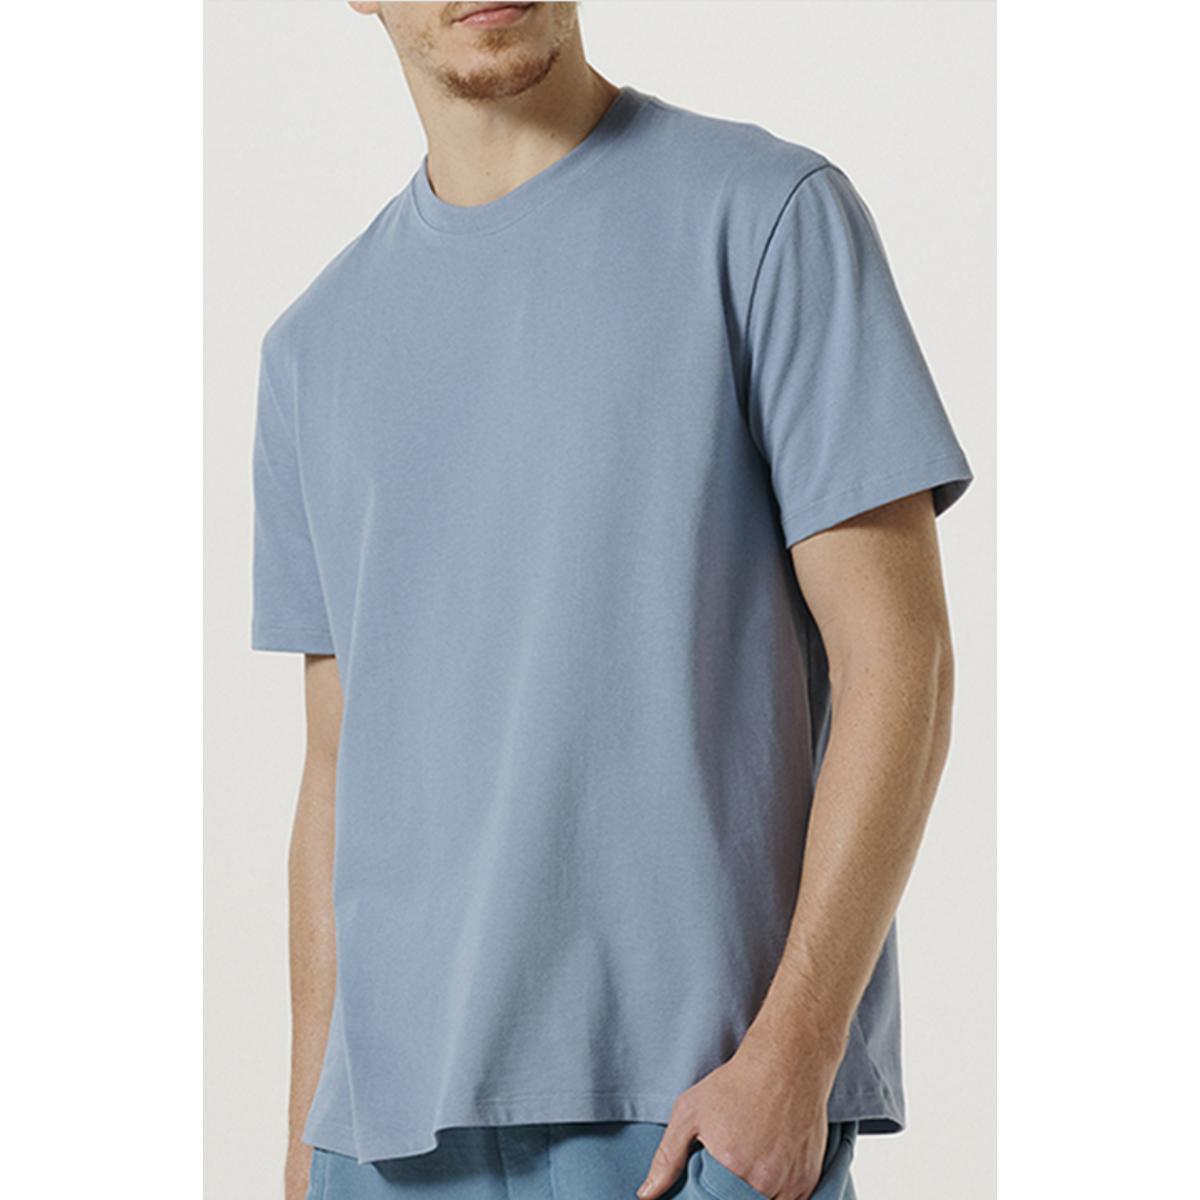 Camiseta Masculina Hering 0227 Az3en Azul Claro